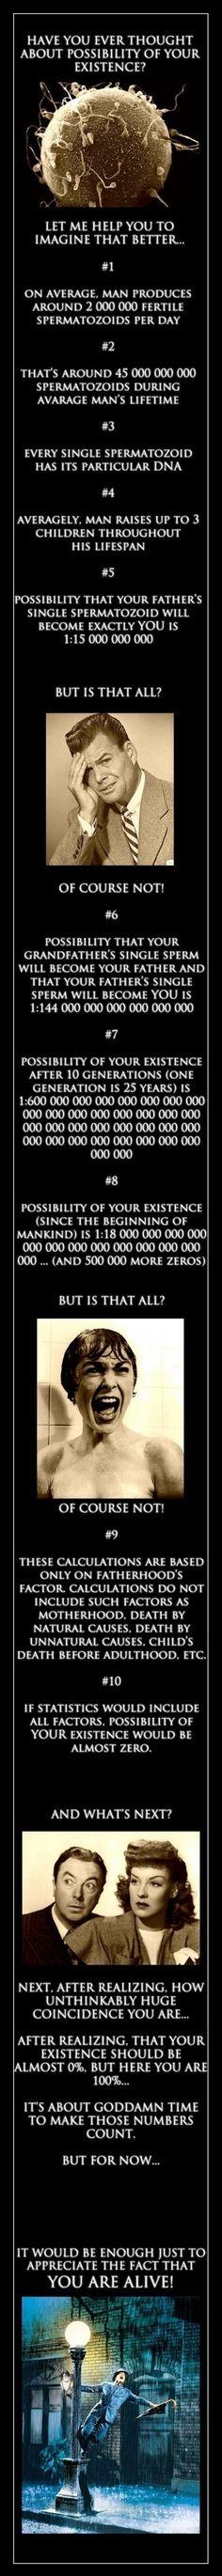 Mind-blowing! (V�rd at l�se)